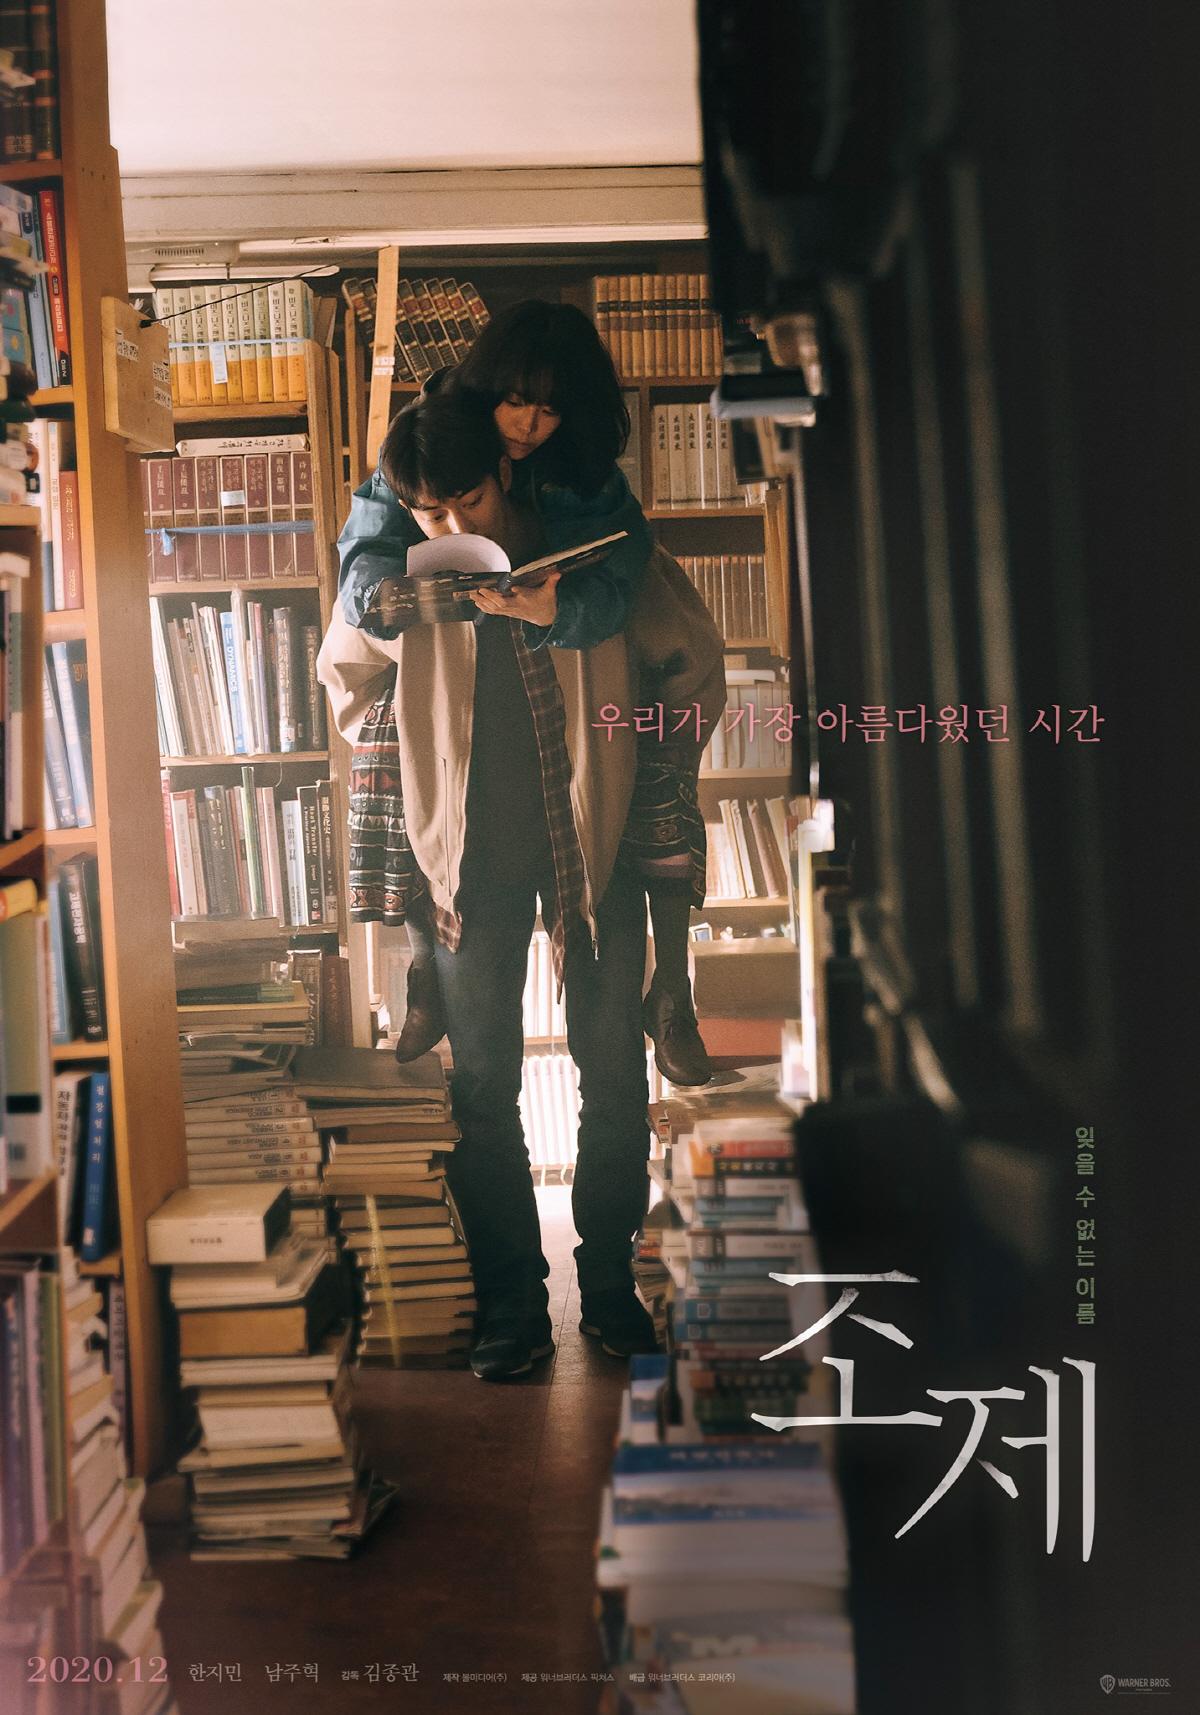 헐 영화 조제 한지민 남주혁 포스터 떴다 ㅠㅠㅠㅠㅠㅠㅠㅠ   인스티즈